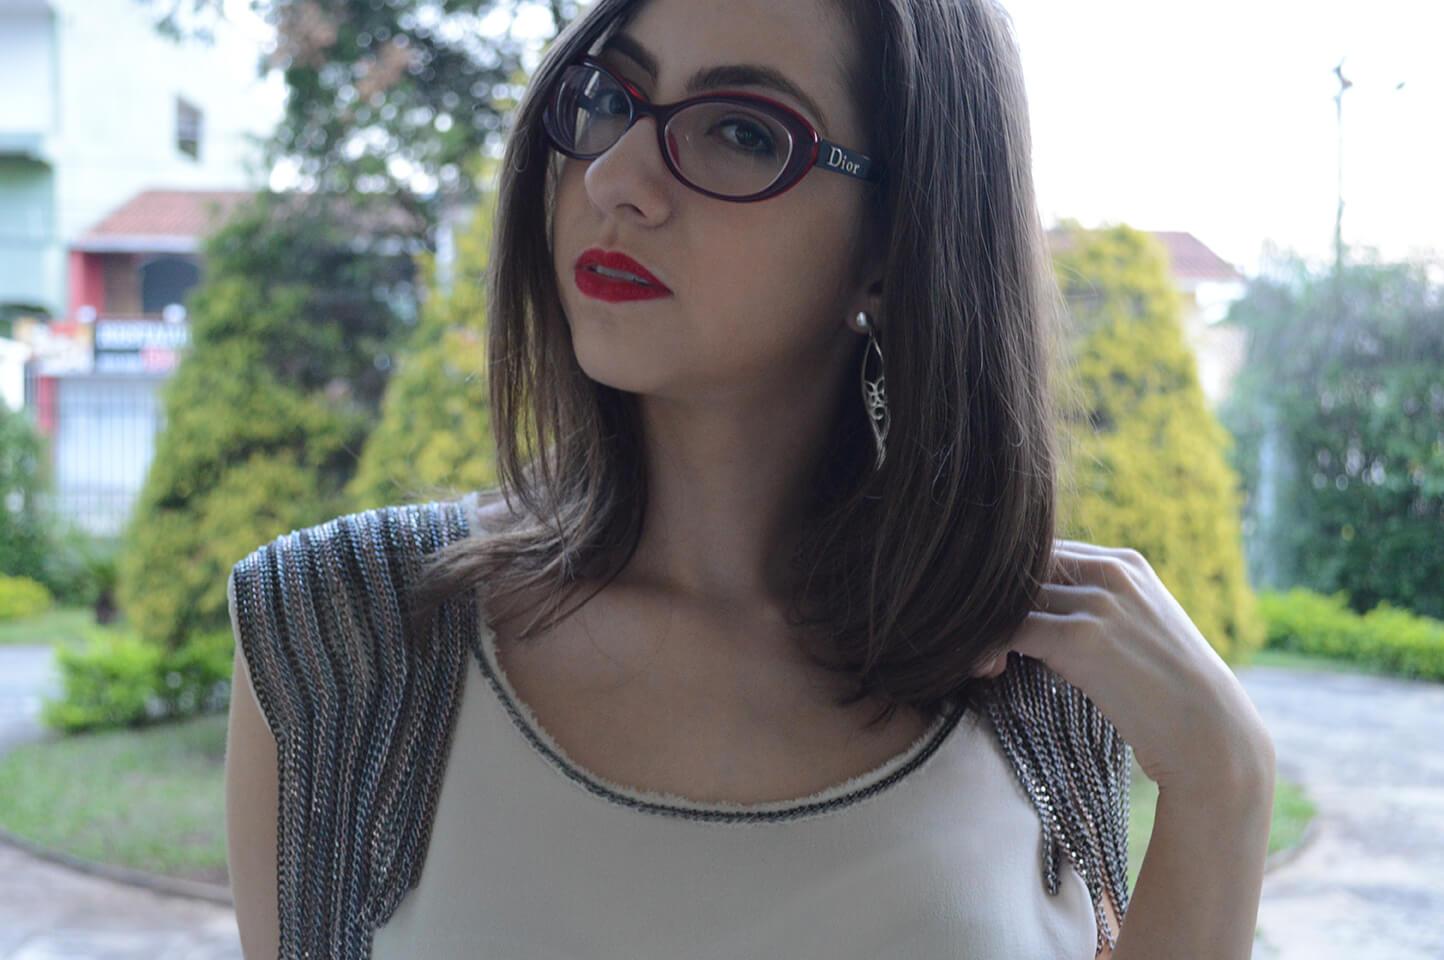 Meu novo corte de cabelo: Curto e assimétrico.